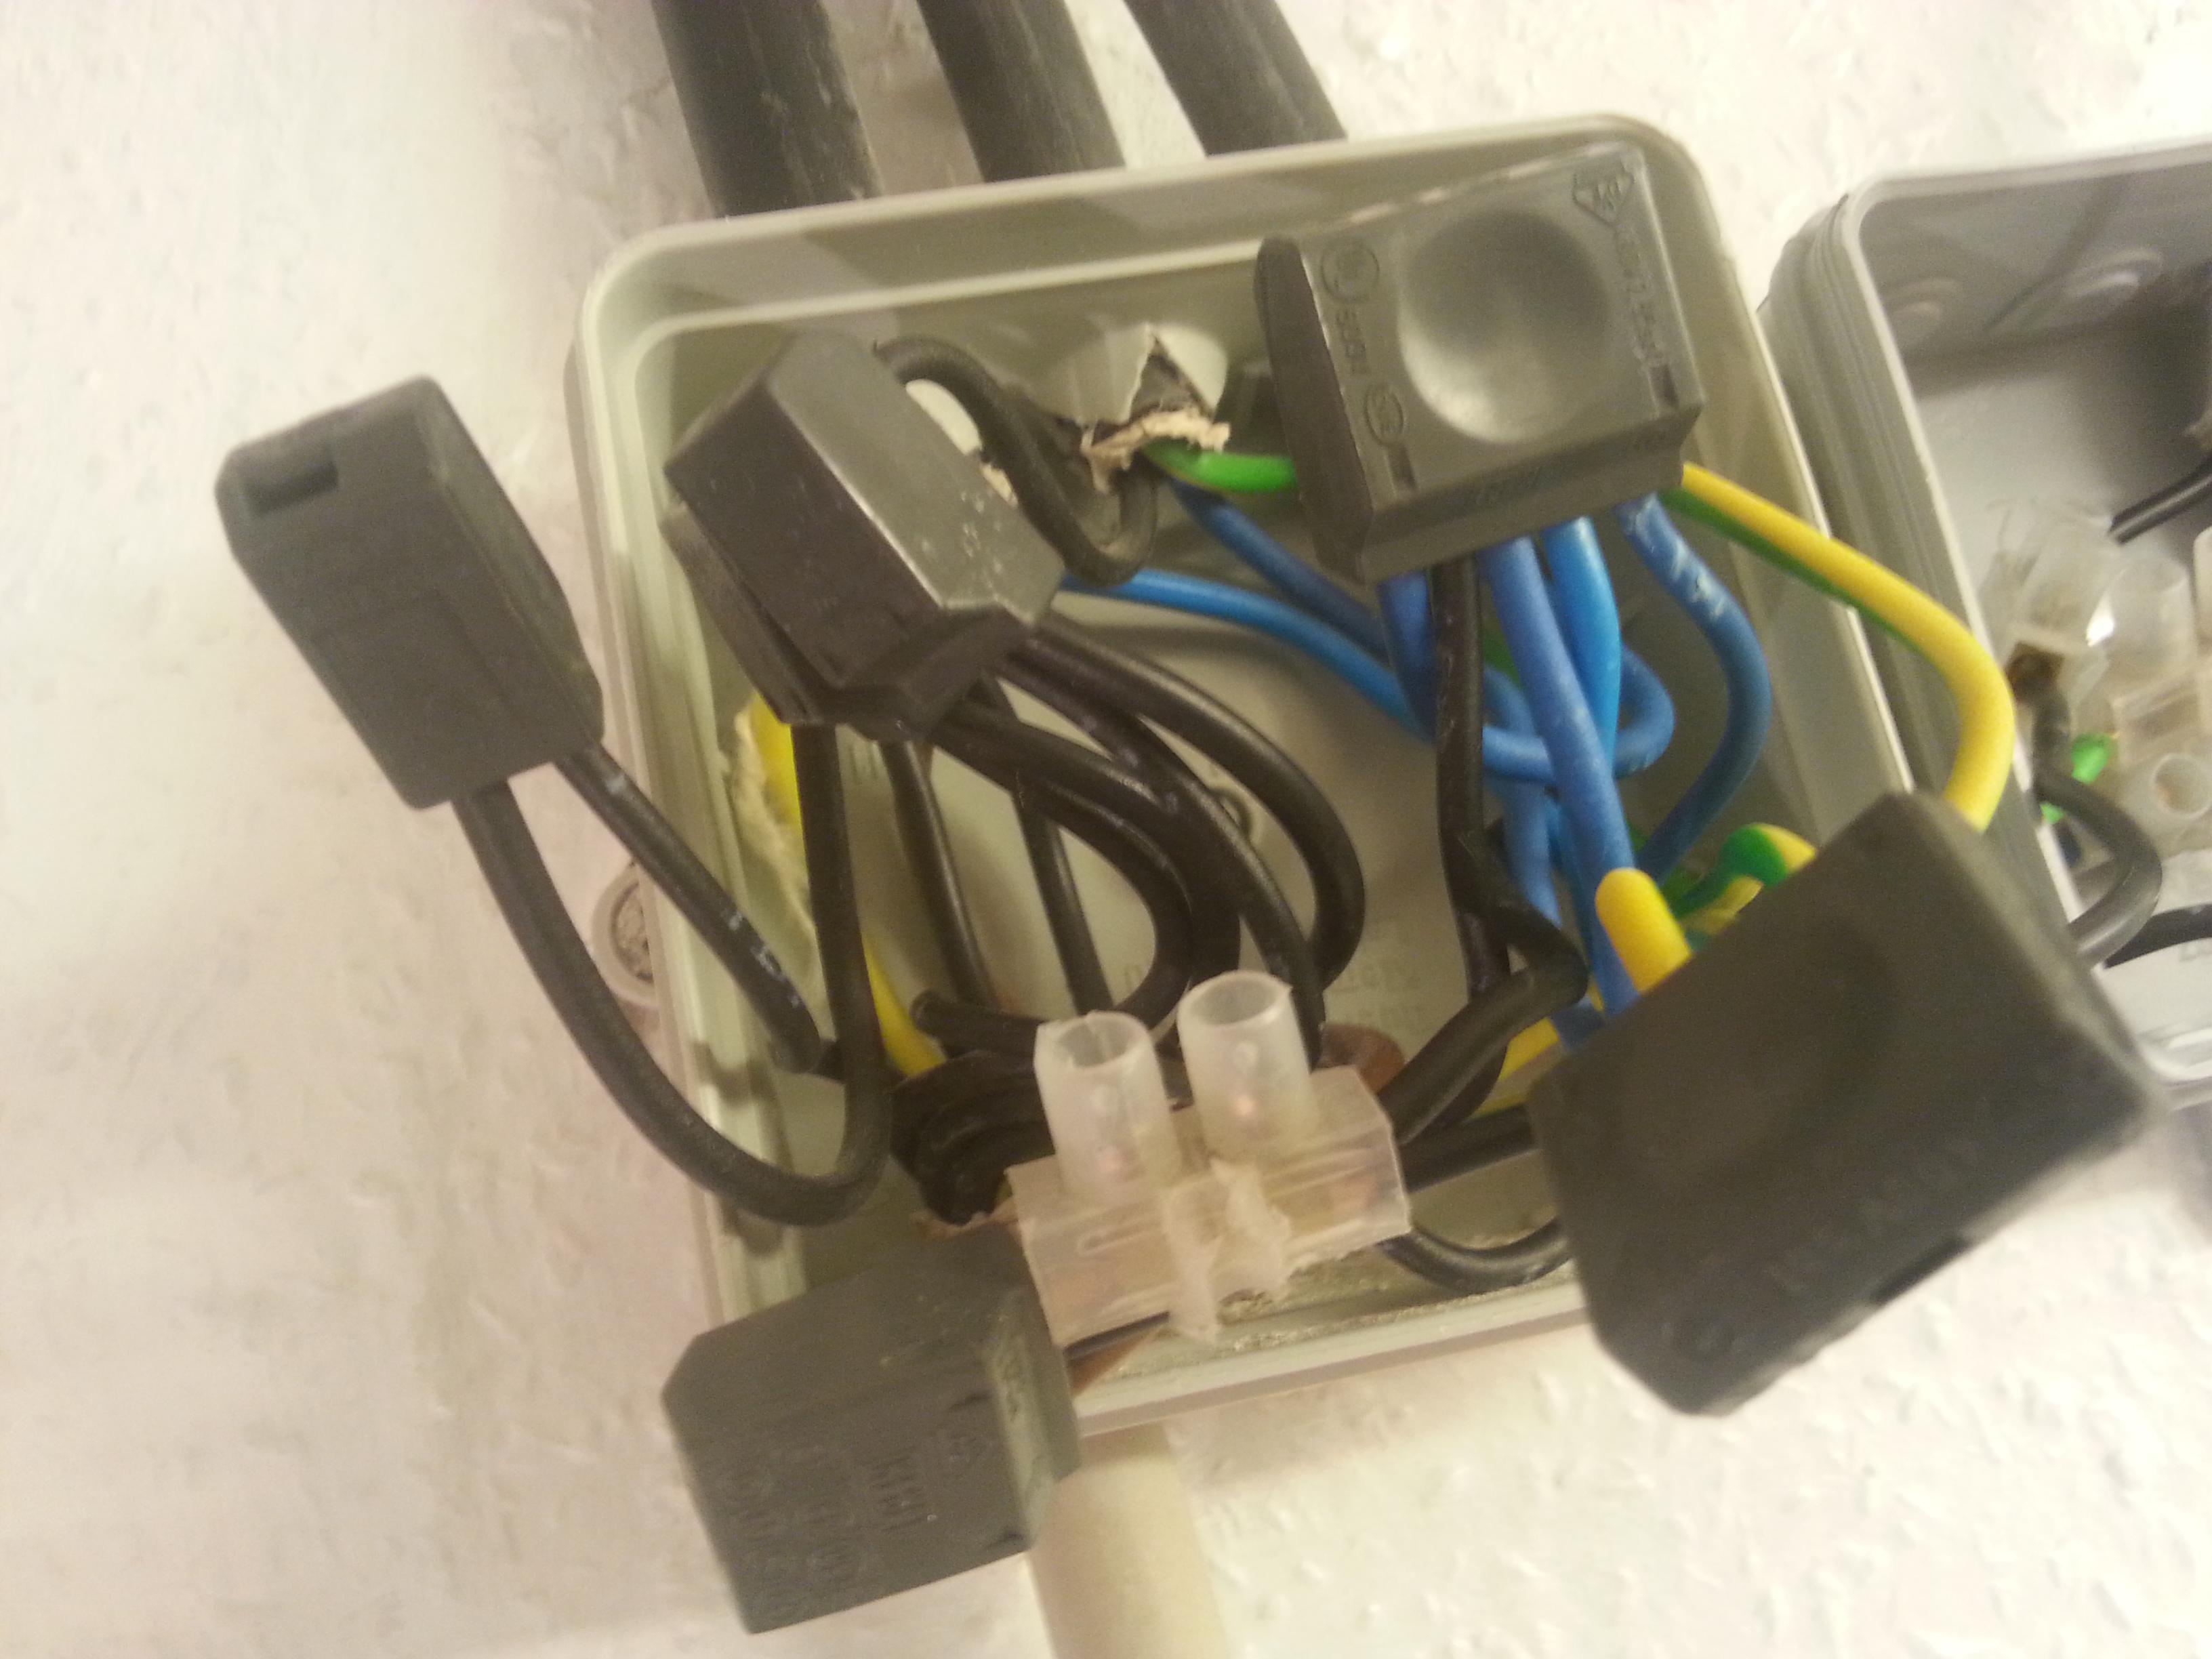 komsiches kabelsystem wie zweige ich da kabel fuer meine steckdose ab seite 3. Black Bedroom Furniture Sets. Home Design Ideas